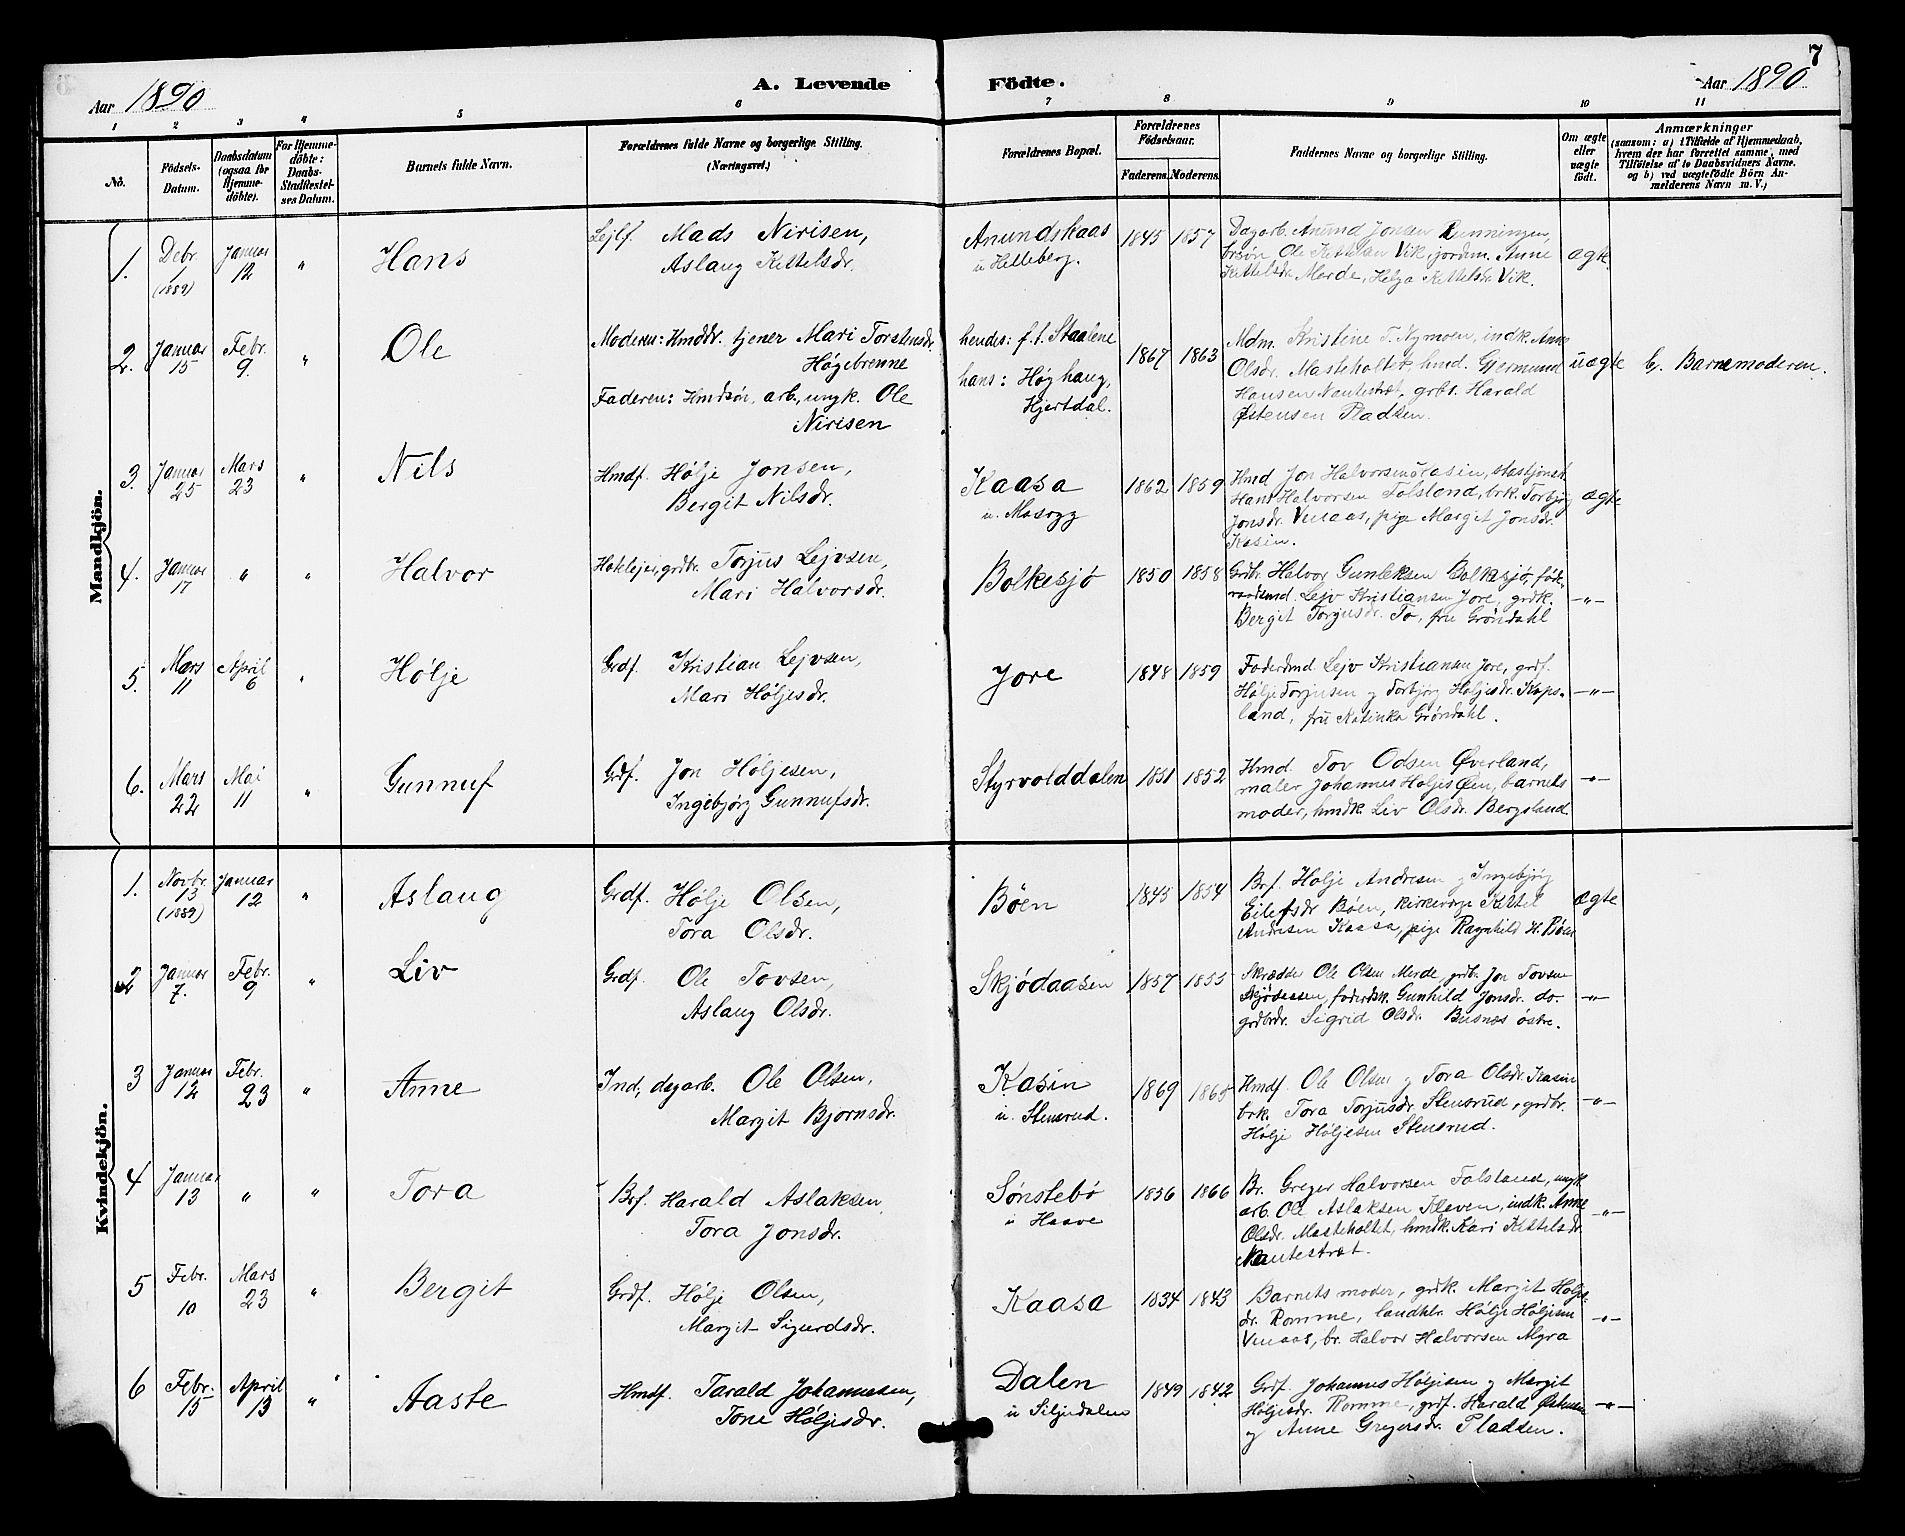 SAKO, Gransherad kirkebøker, G/Ga/L0003: Klokkerbok nr. I 3, 1887-1915, s. 7